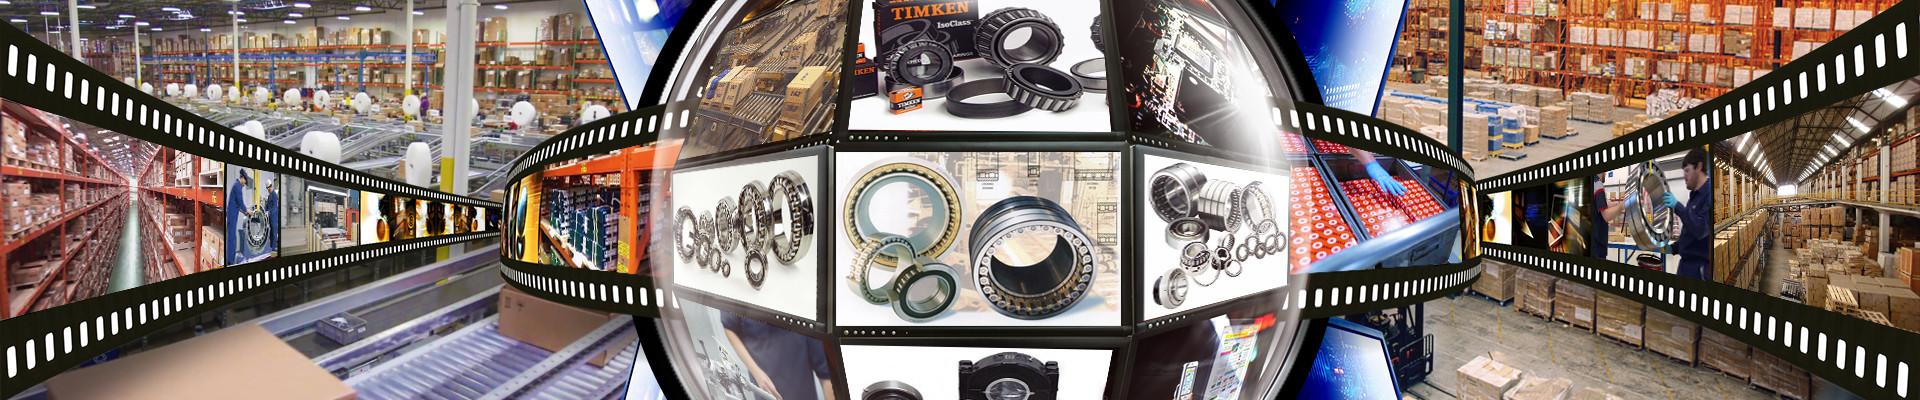 Distributor Bearing Wholesalers Inc